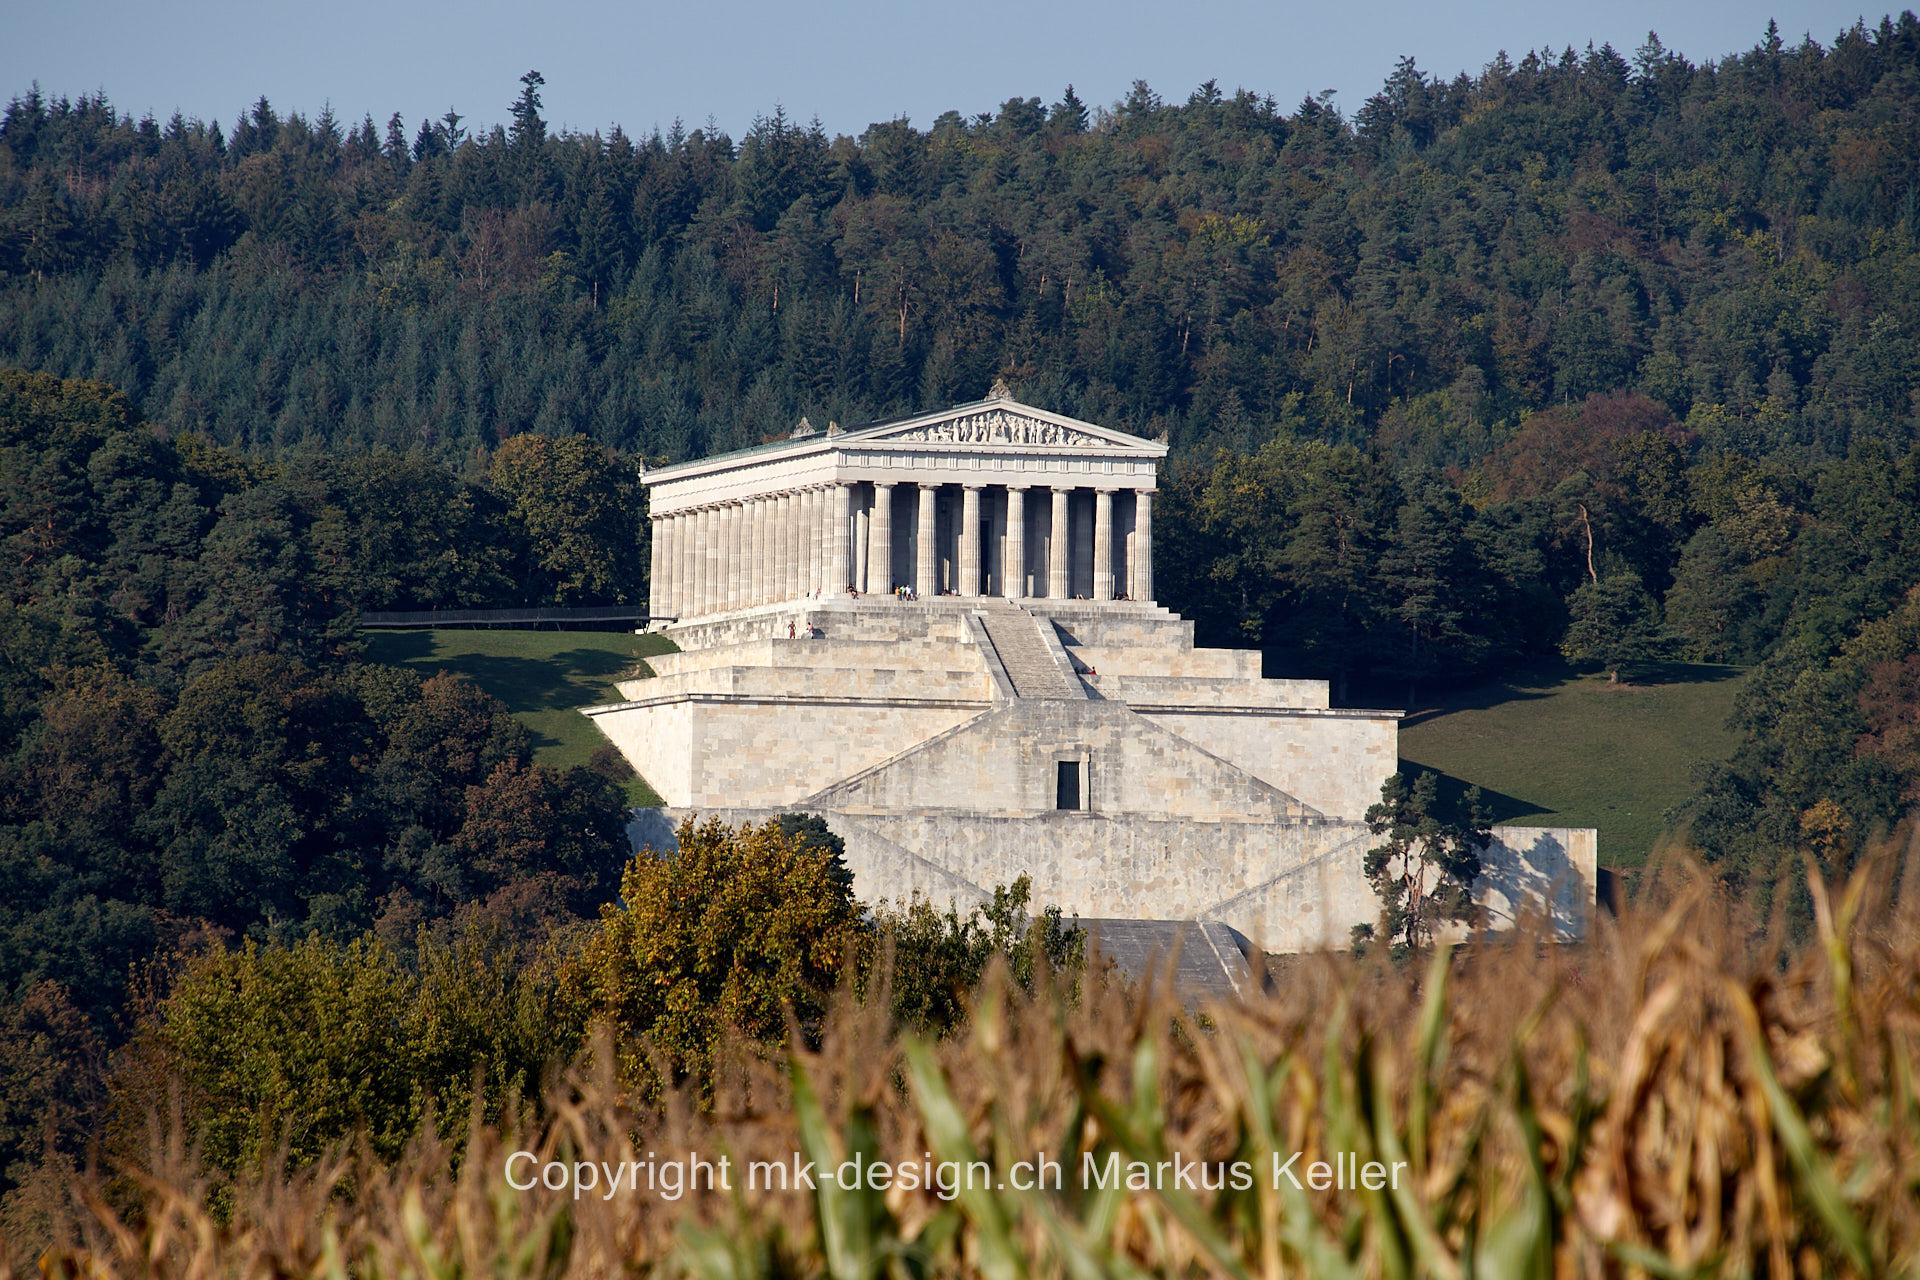 Bauwerk   Monument   Walhalla